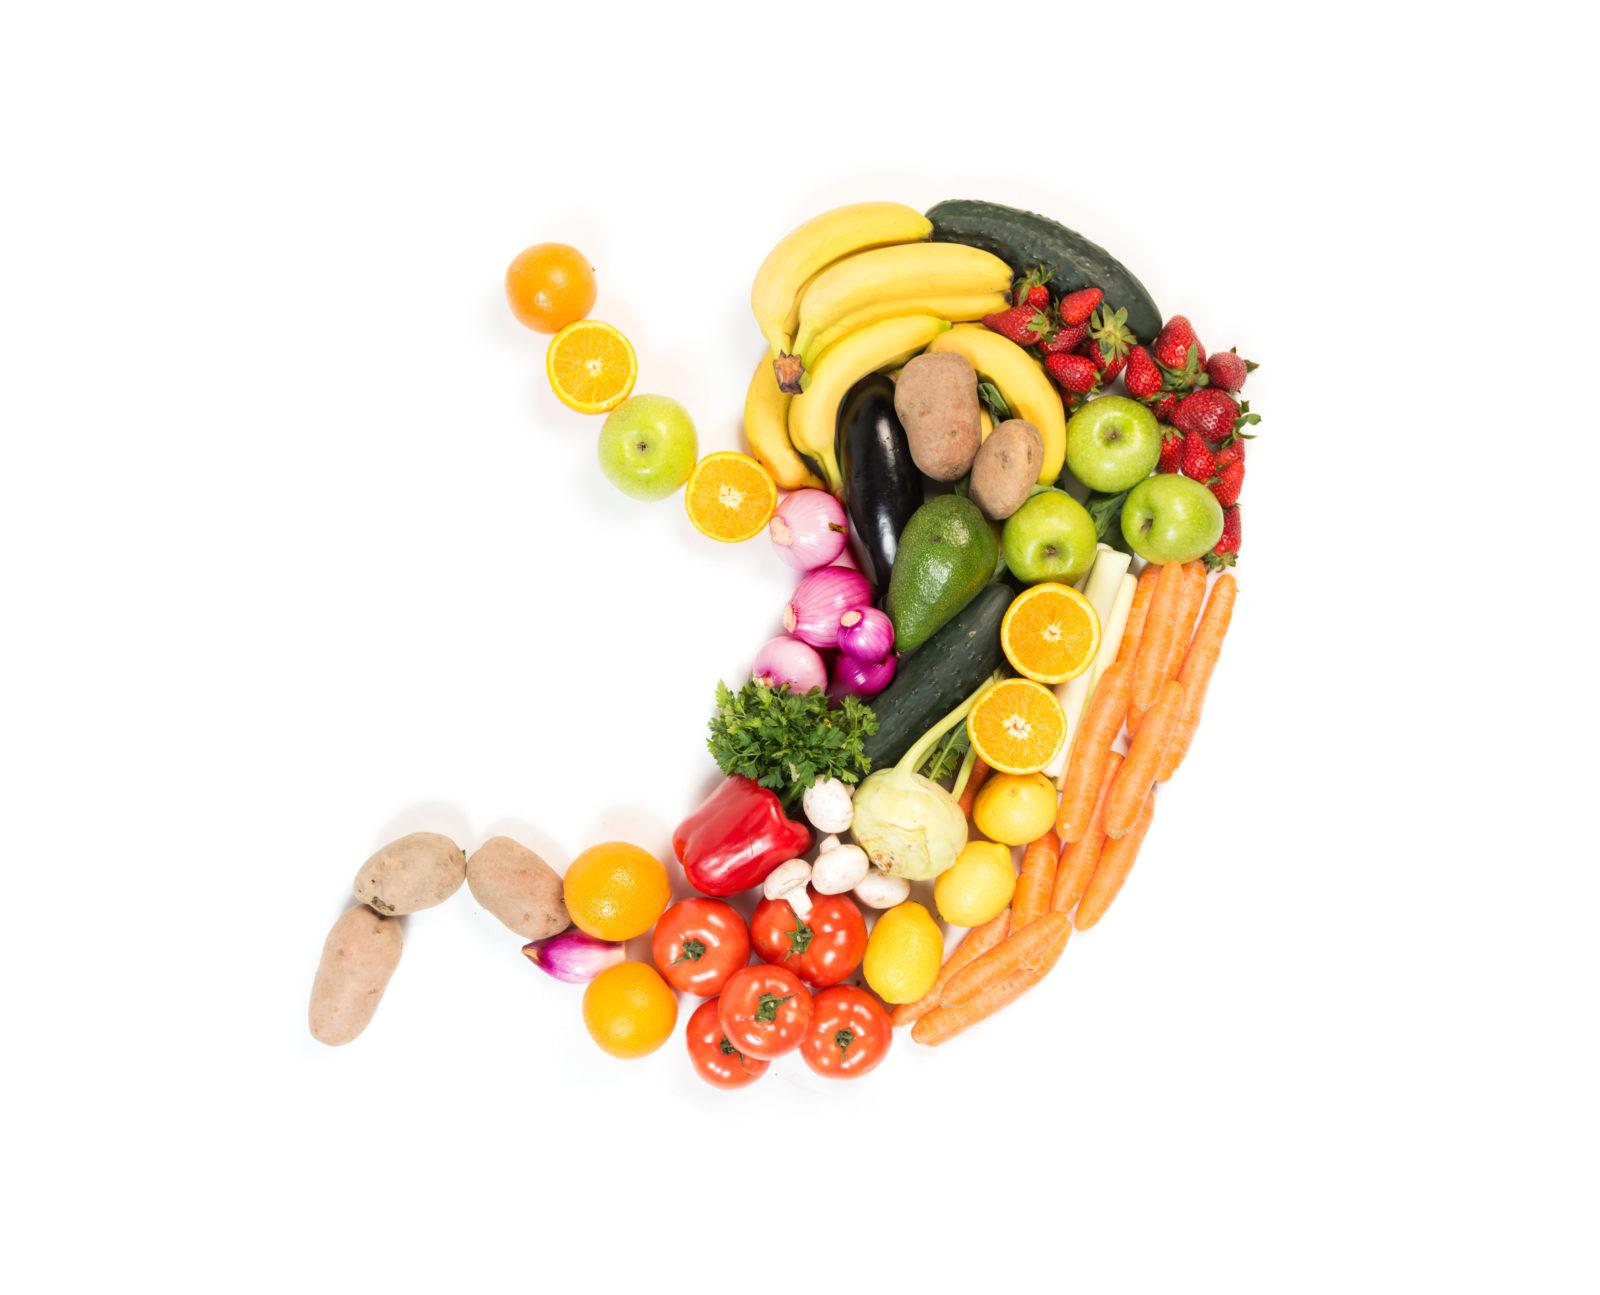 L'estomac et ses aliments